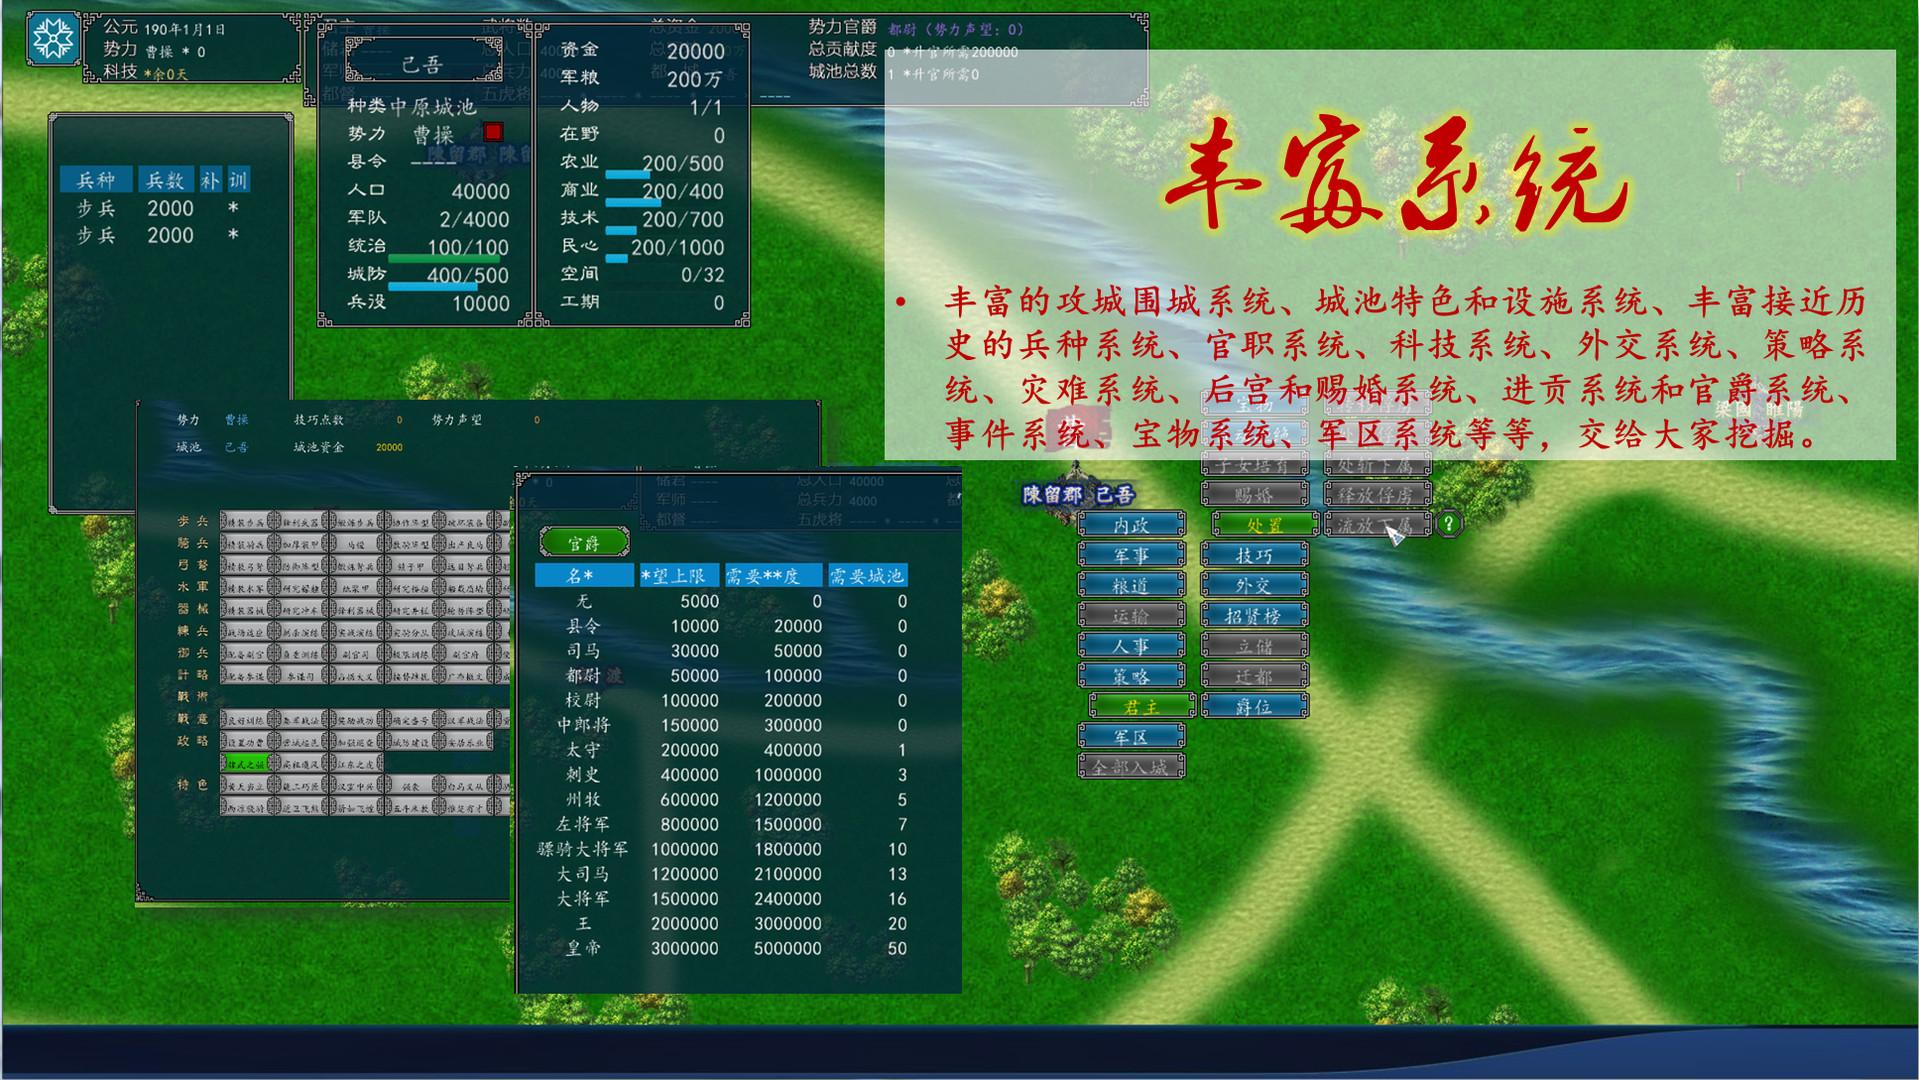 《中华三国志》年龄有效机制介绍